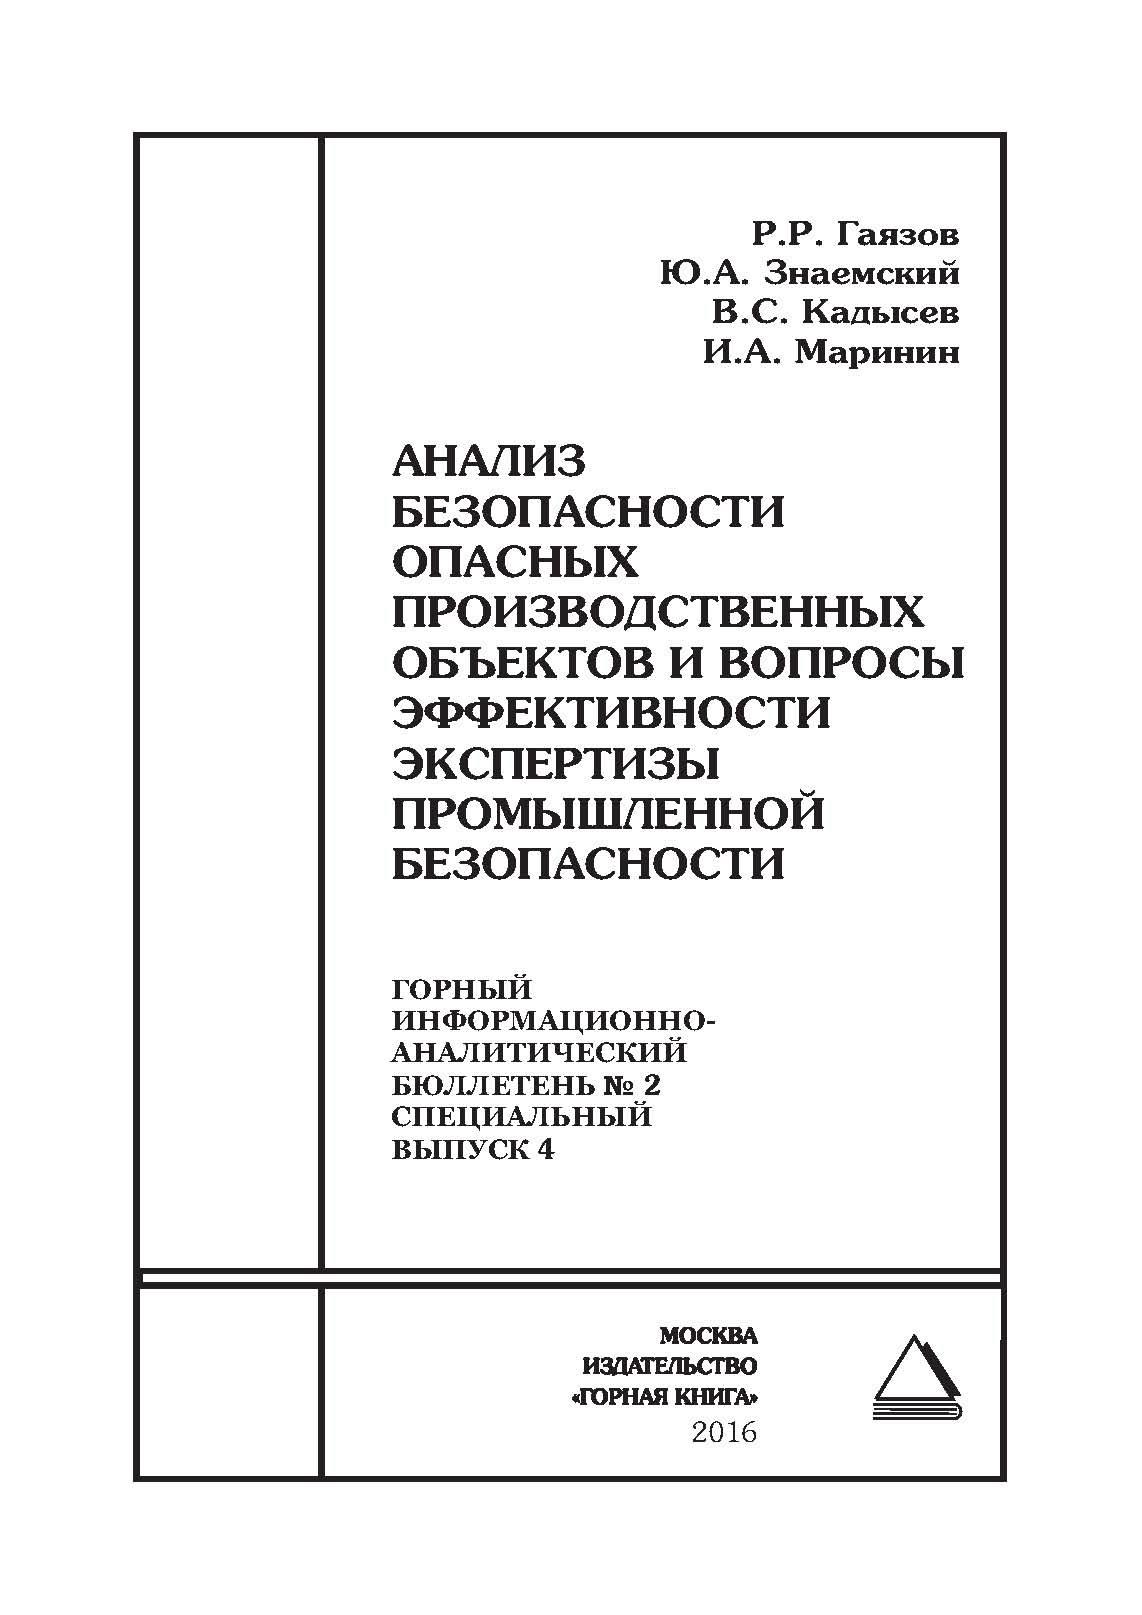 Р. Р. Гаязов Анализ безопасности опасных производственных объектов и вопросы эффективности экспертизы промышленной безопасности